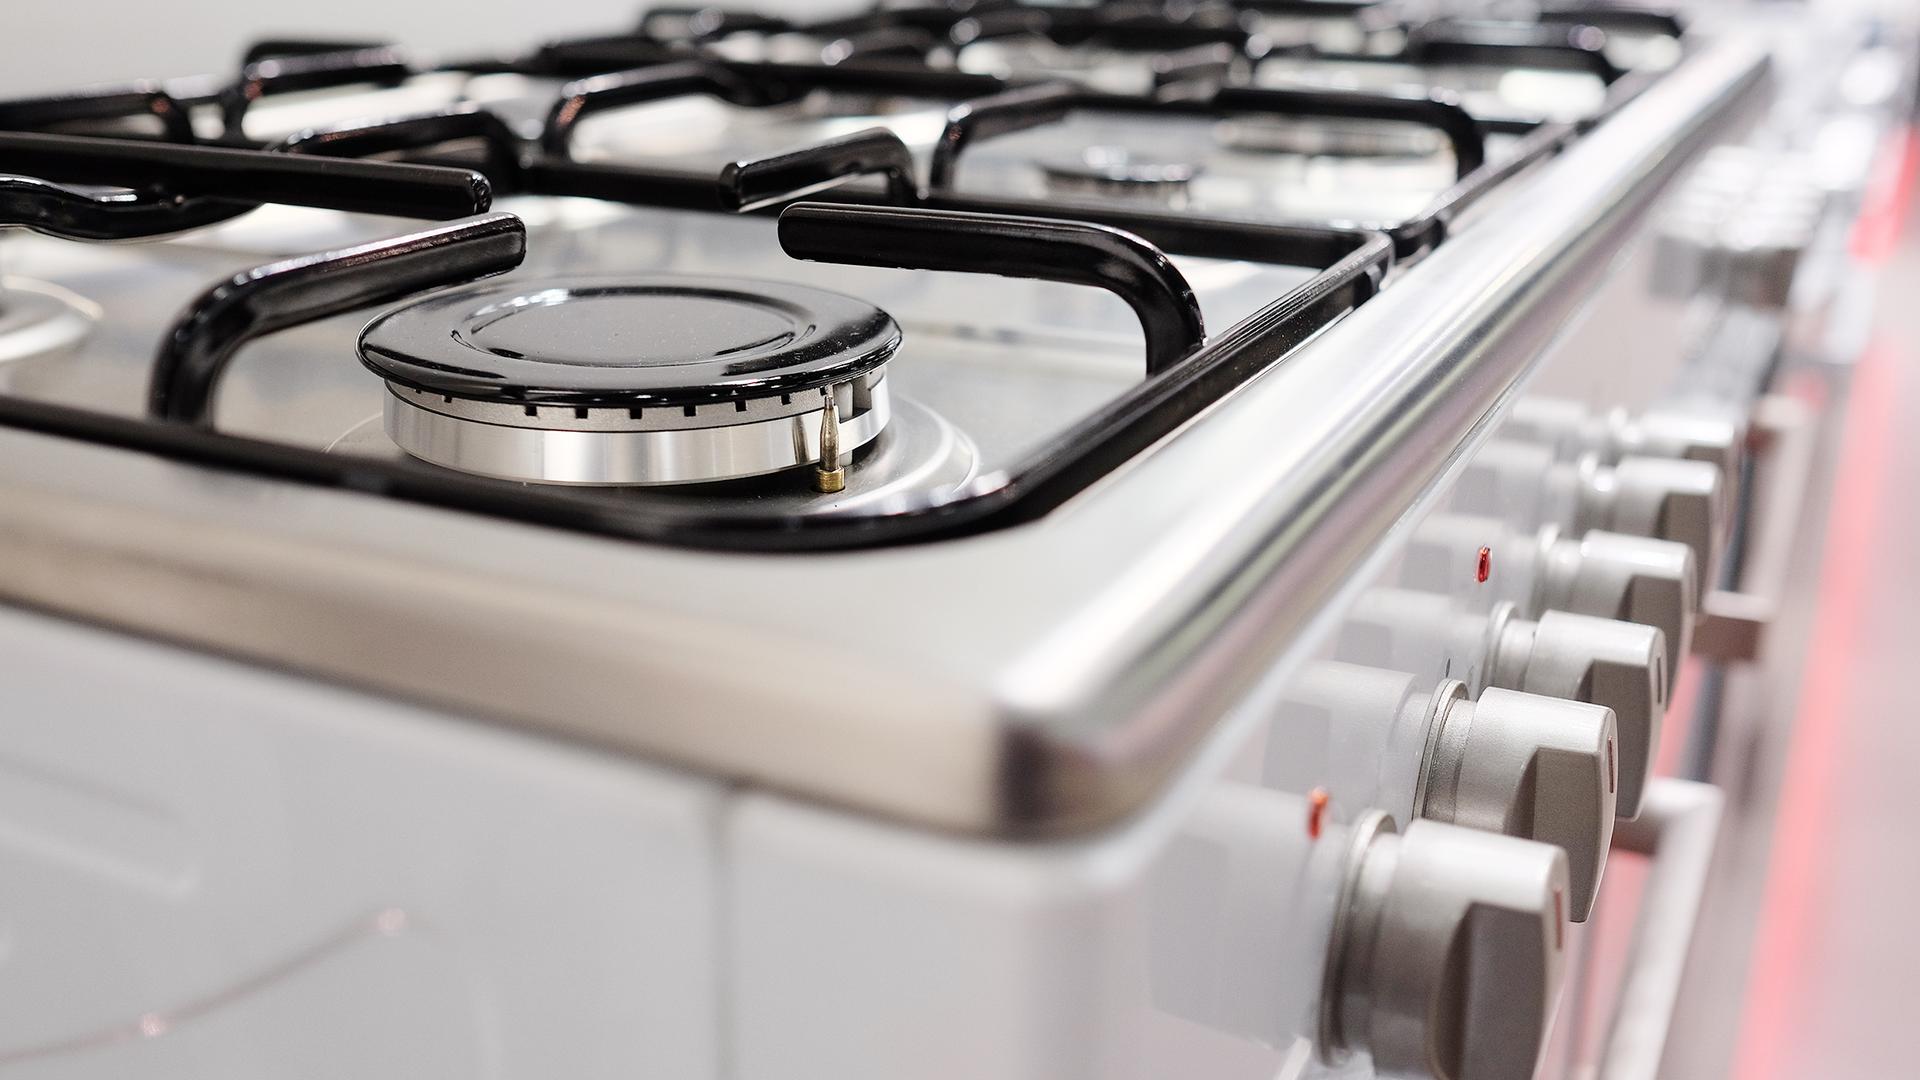 Qual o melhor fogão custo-benefício? 8 opções para comprar em 2020